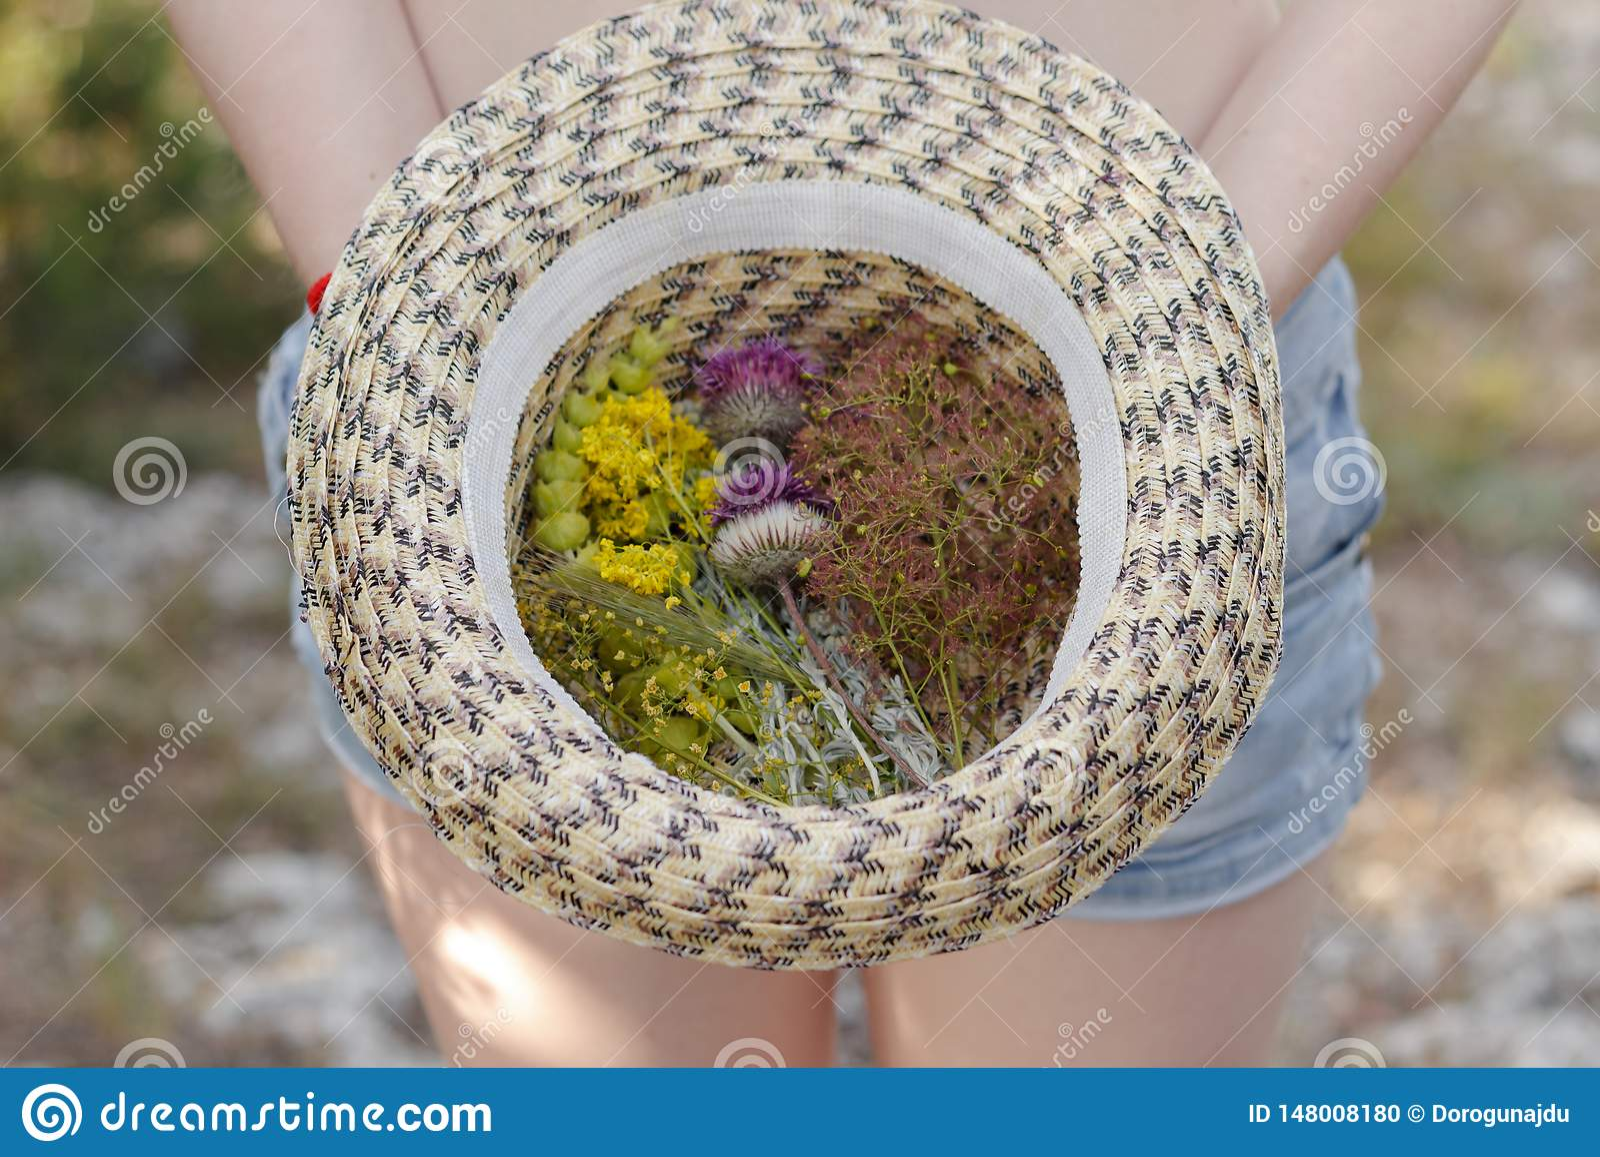 Κορίτσι που κρατά ένα καπέλο αχύρου με μια ανθοδέσμη των όμορφων λουλουδιών